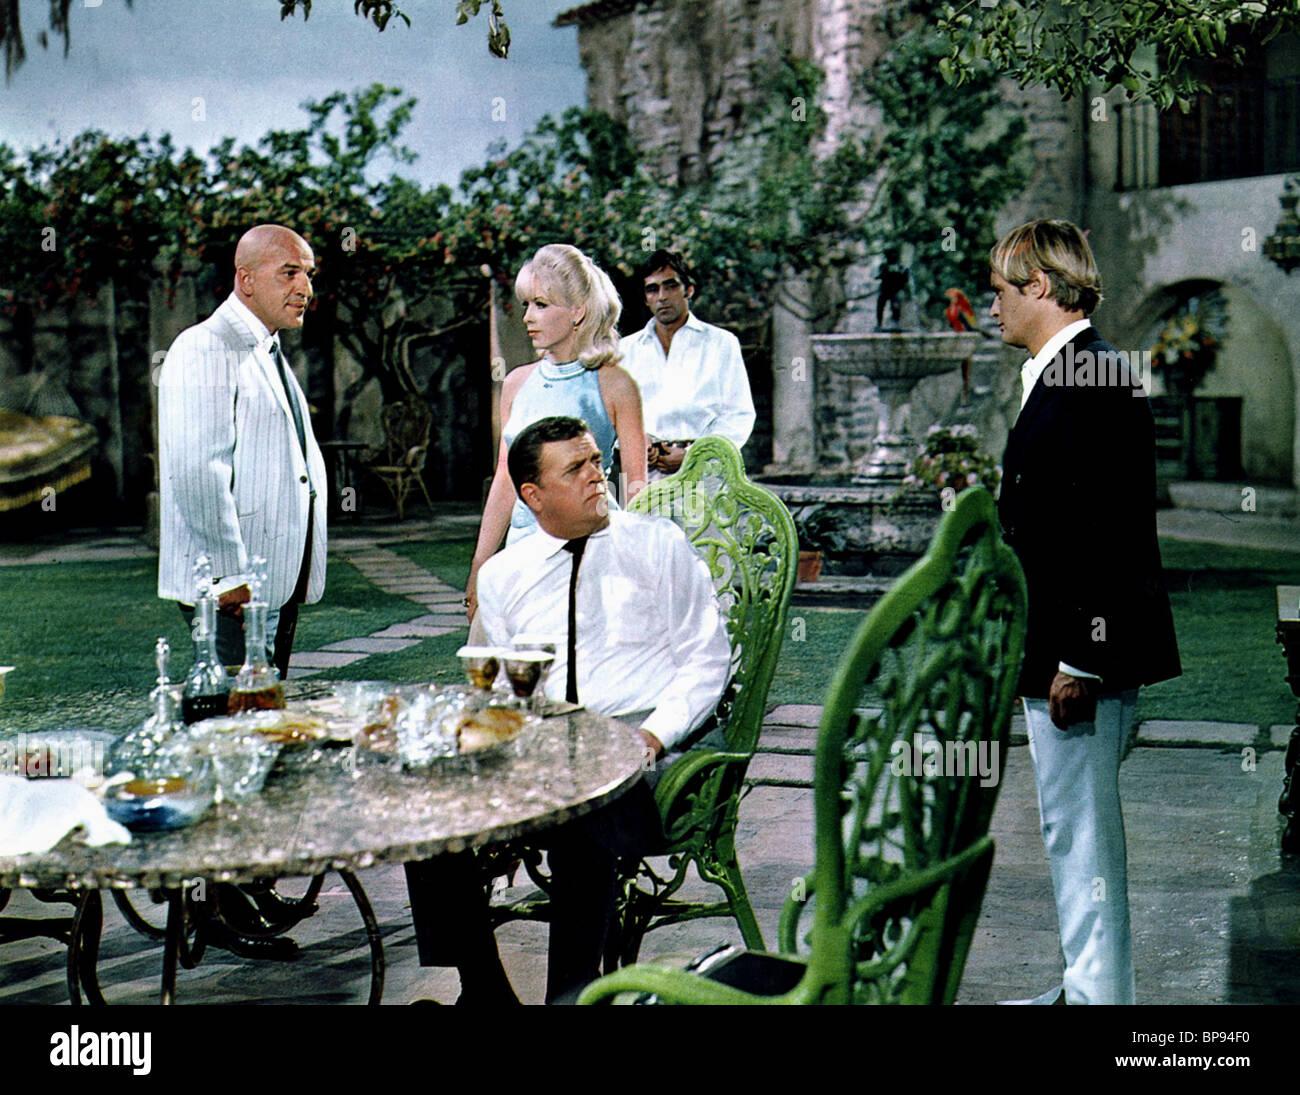 Donna Cruz (b. 1977) Adult movies Jodie Foster,Kelley Jakle